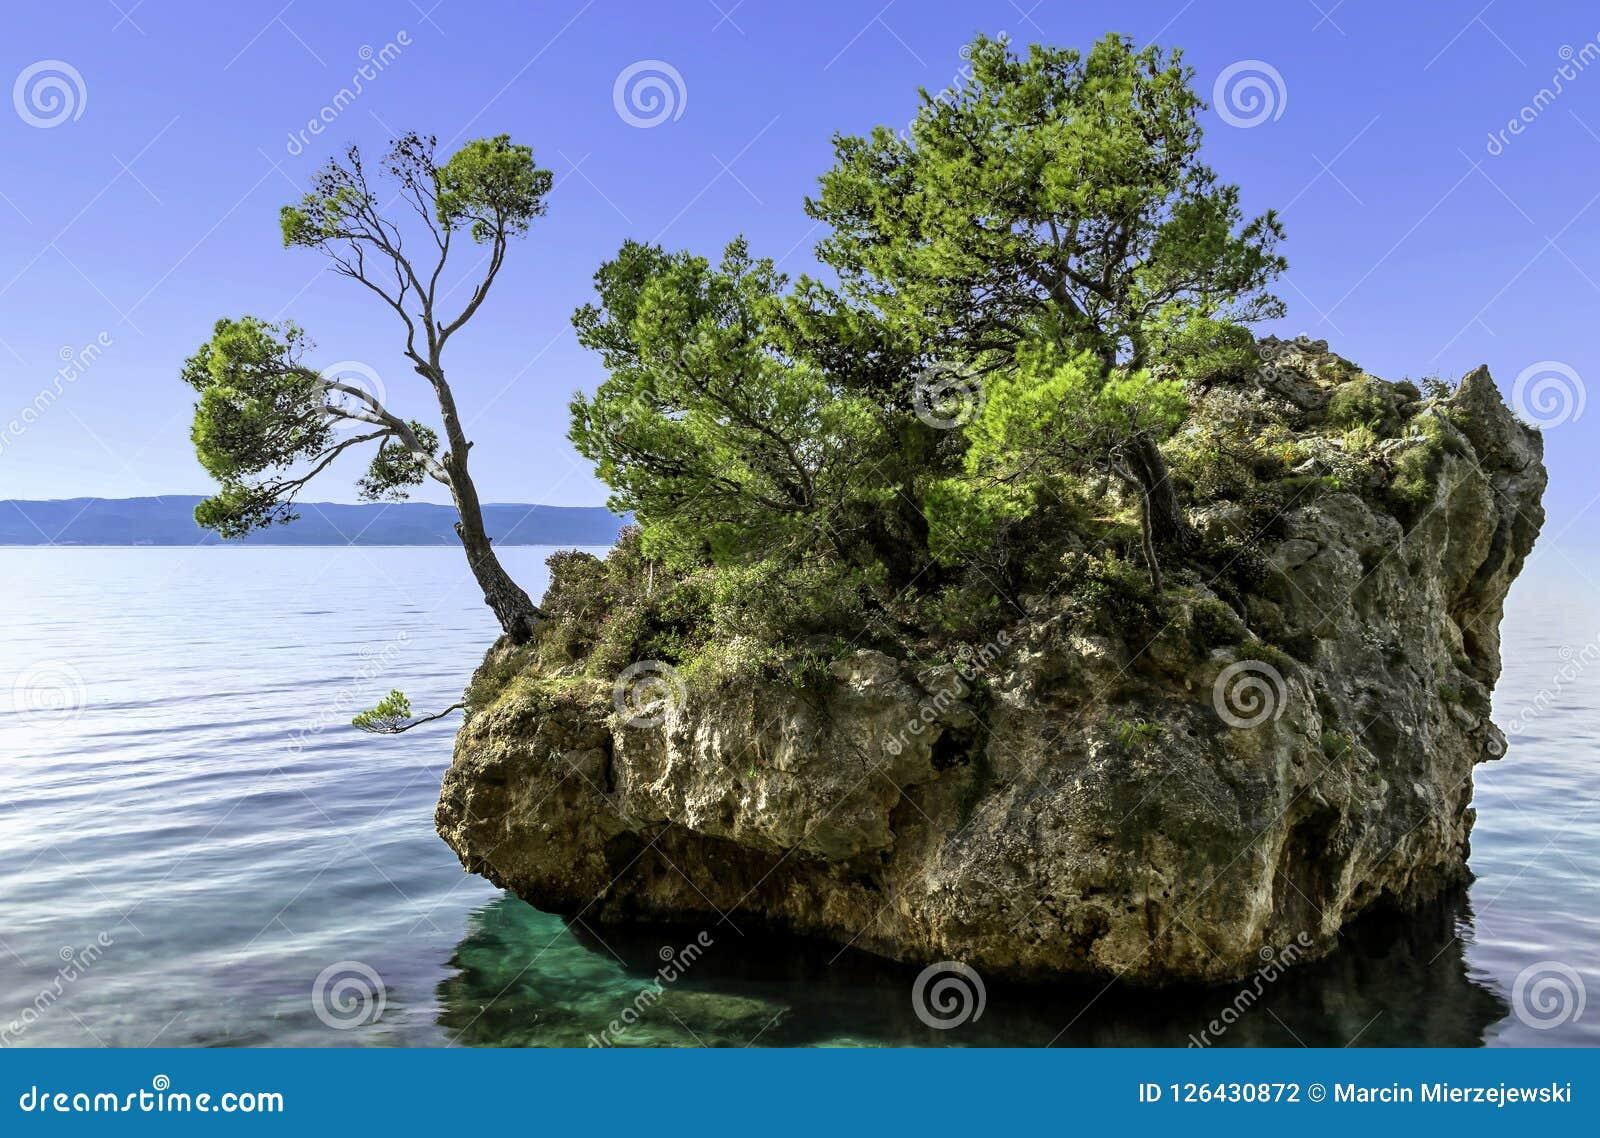 卡梅尼火山Brela -小著名海岛在Brela,马卡尔斯卡里维埃拉,克罗地亚